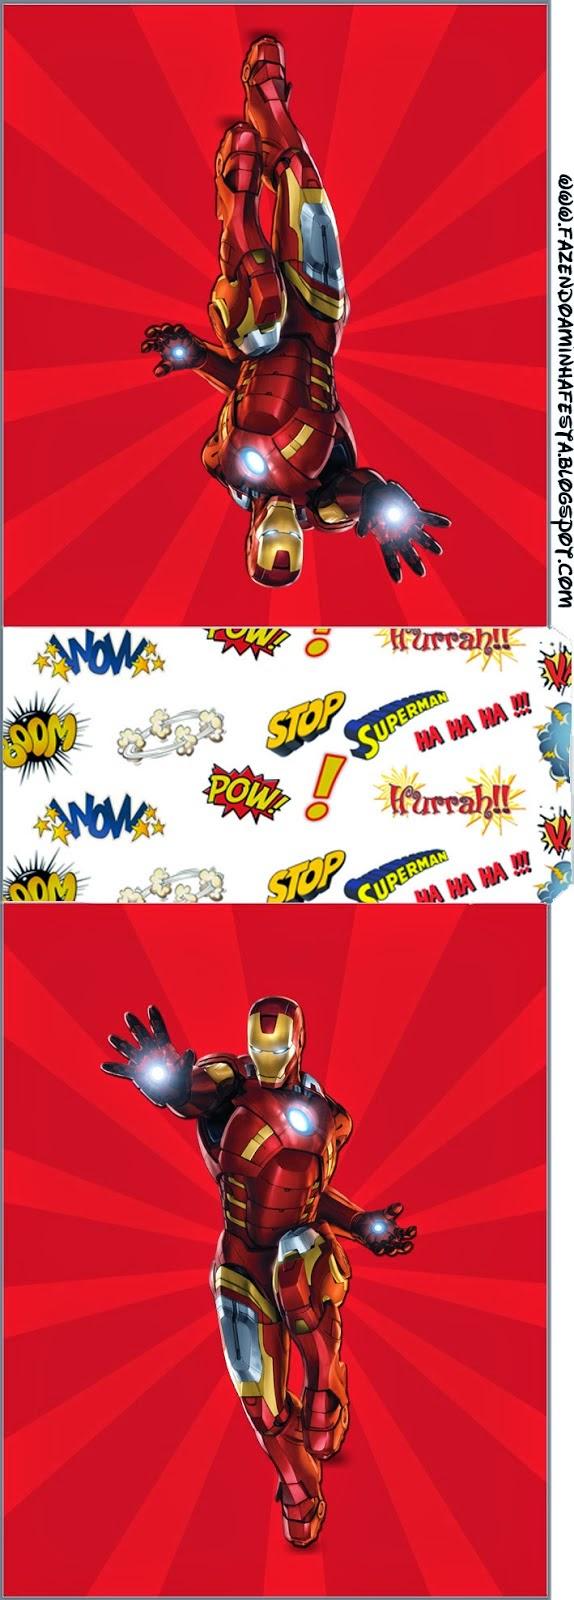 Etiqueta Tic Tac de Iron Man para Imprimir Gratis.